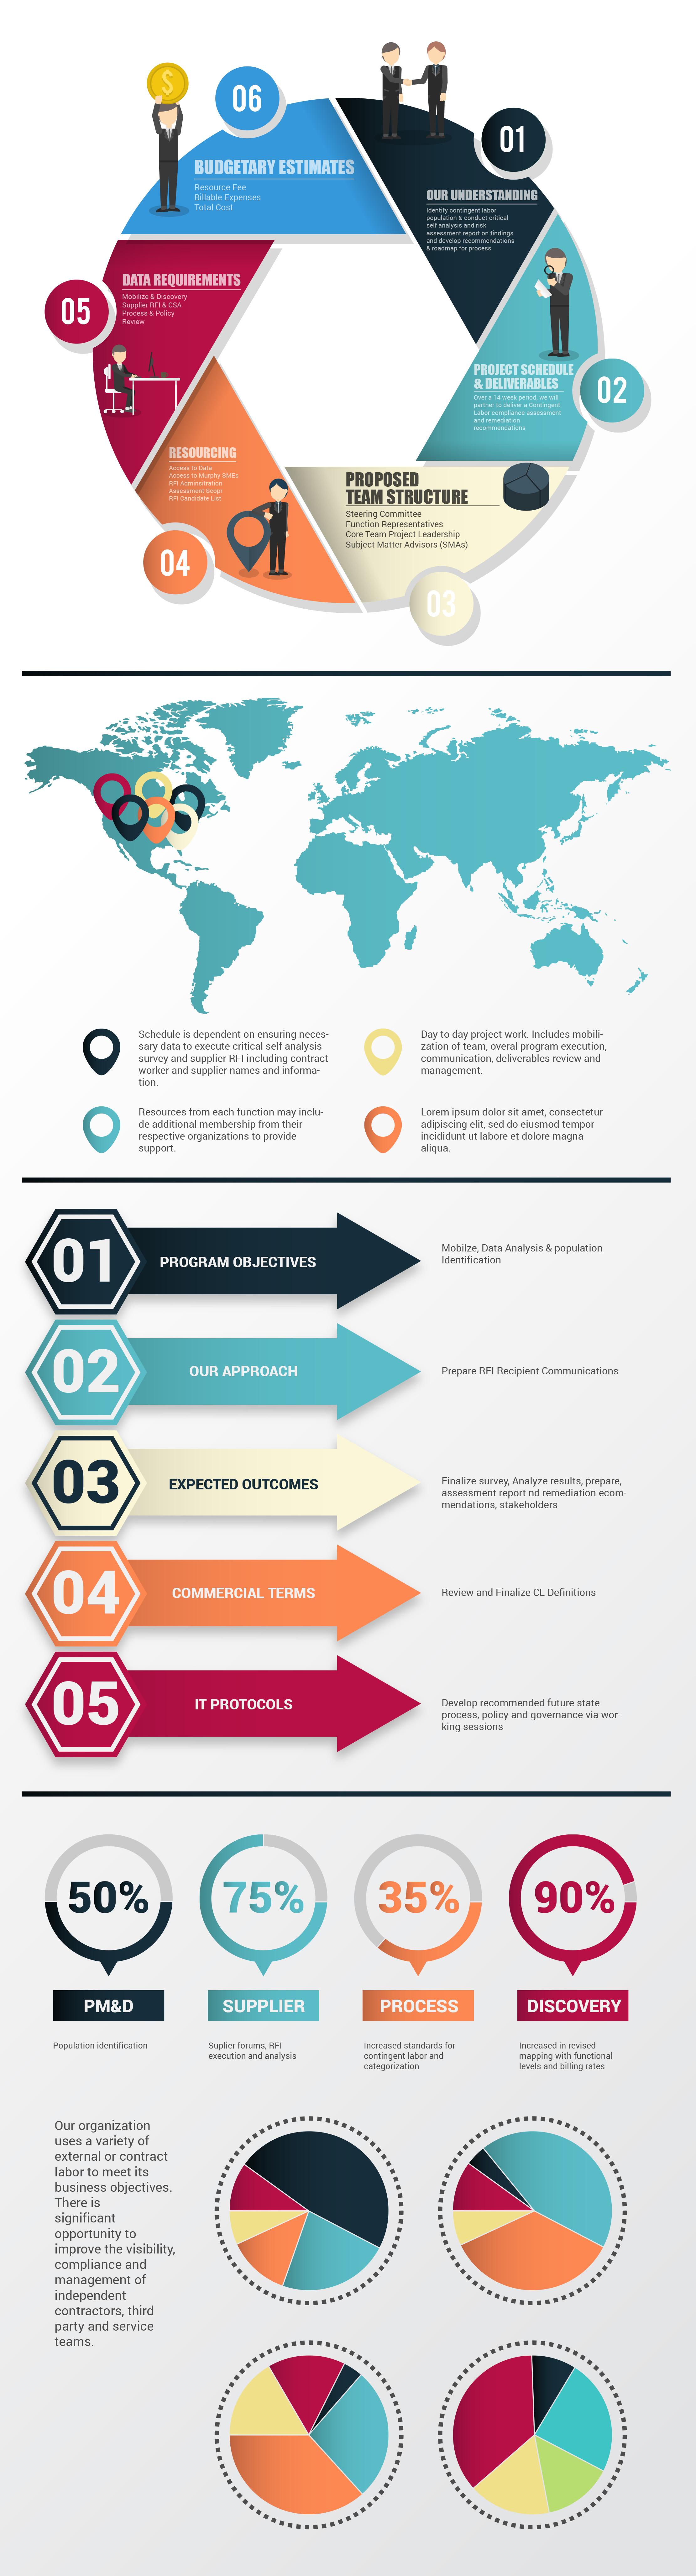 AlliantGroup_Infographic.jpg